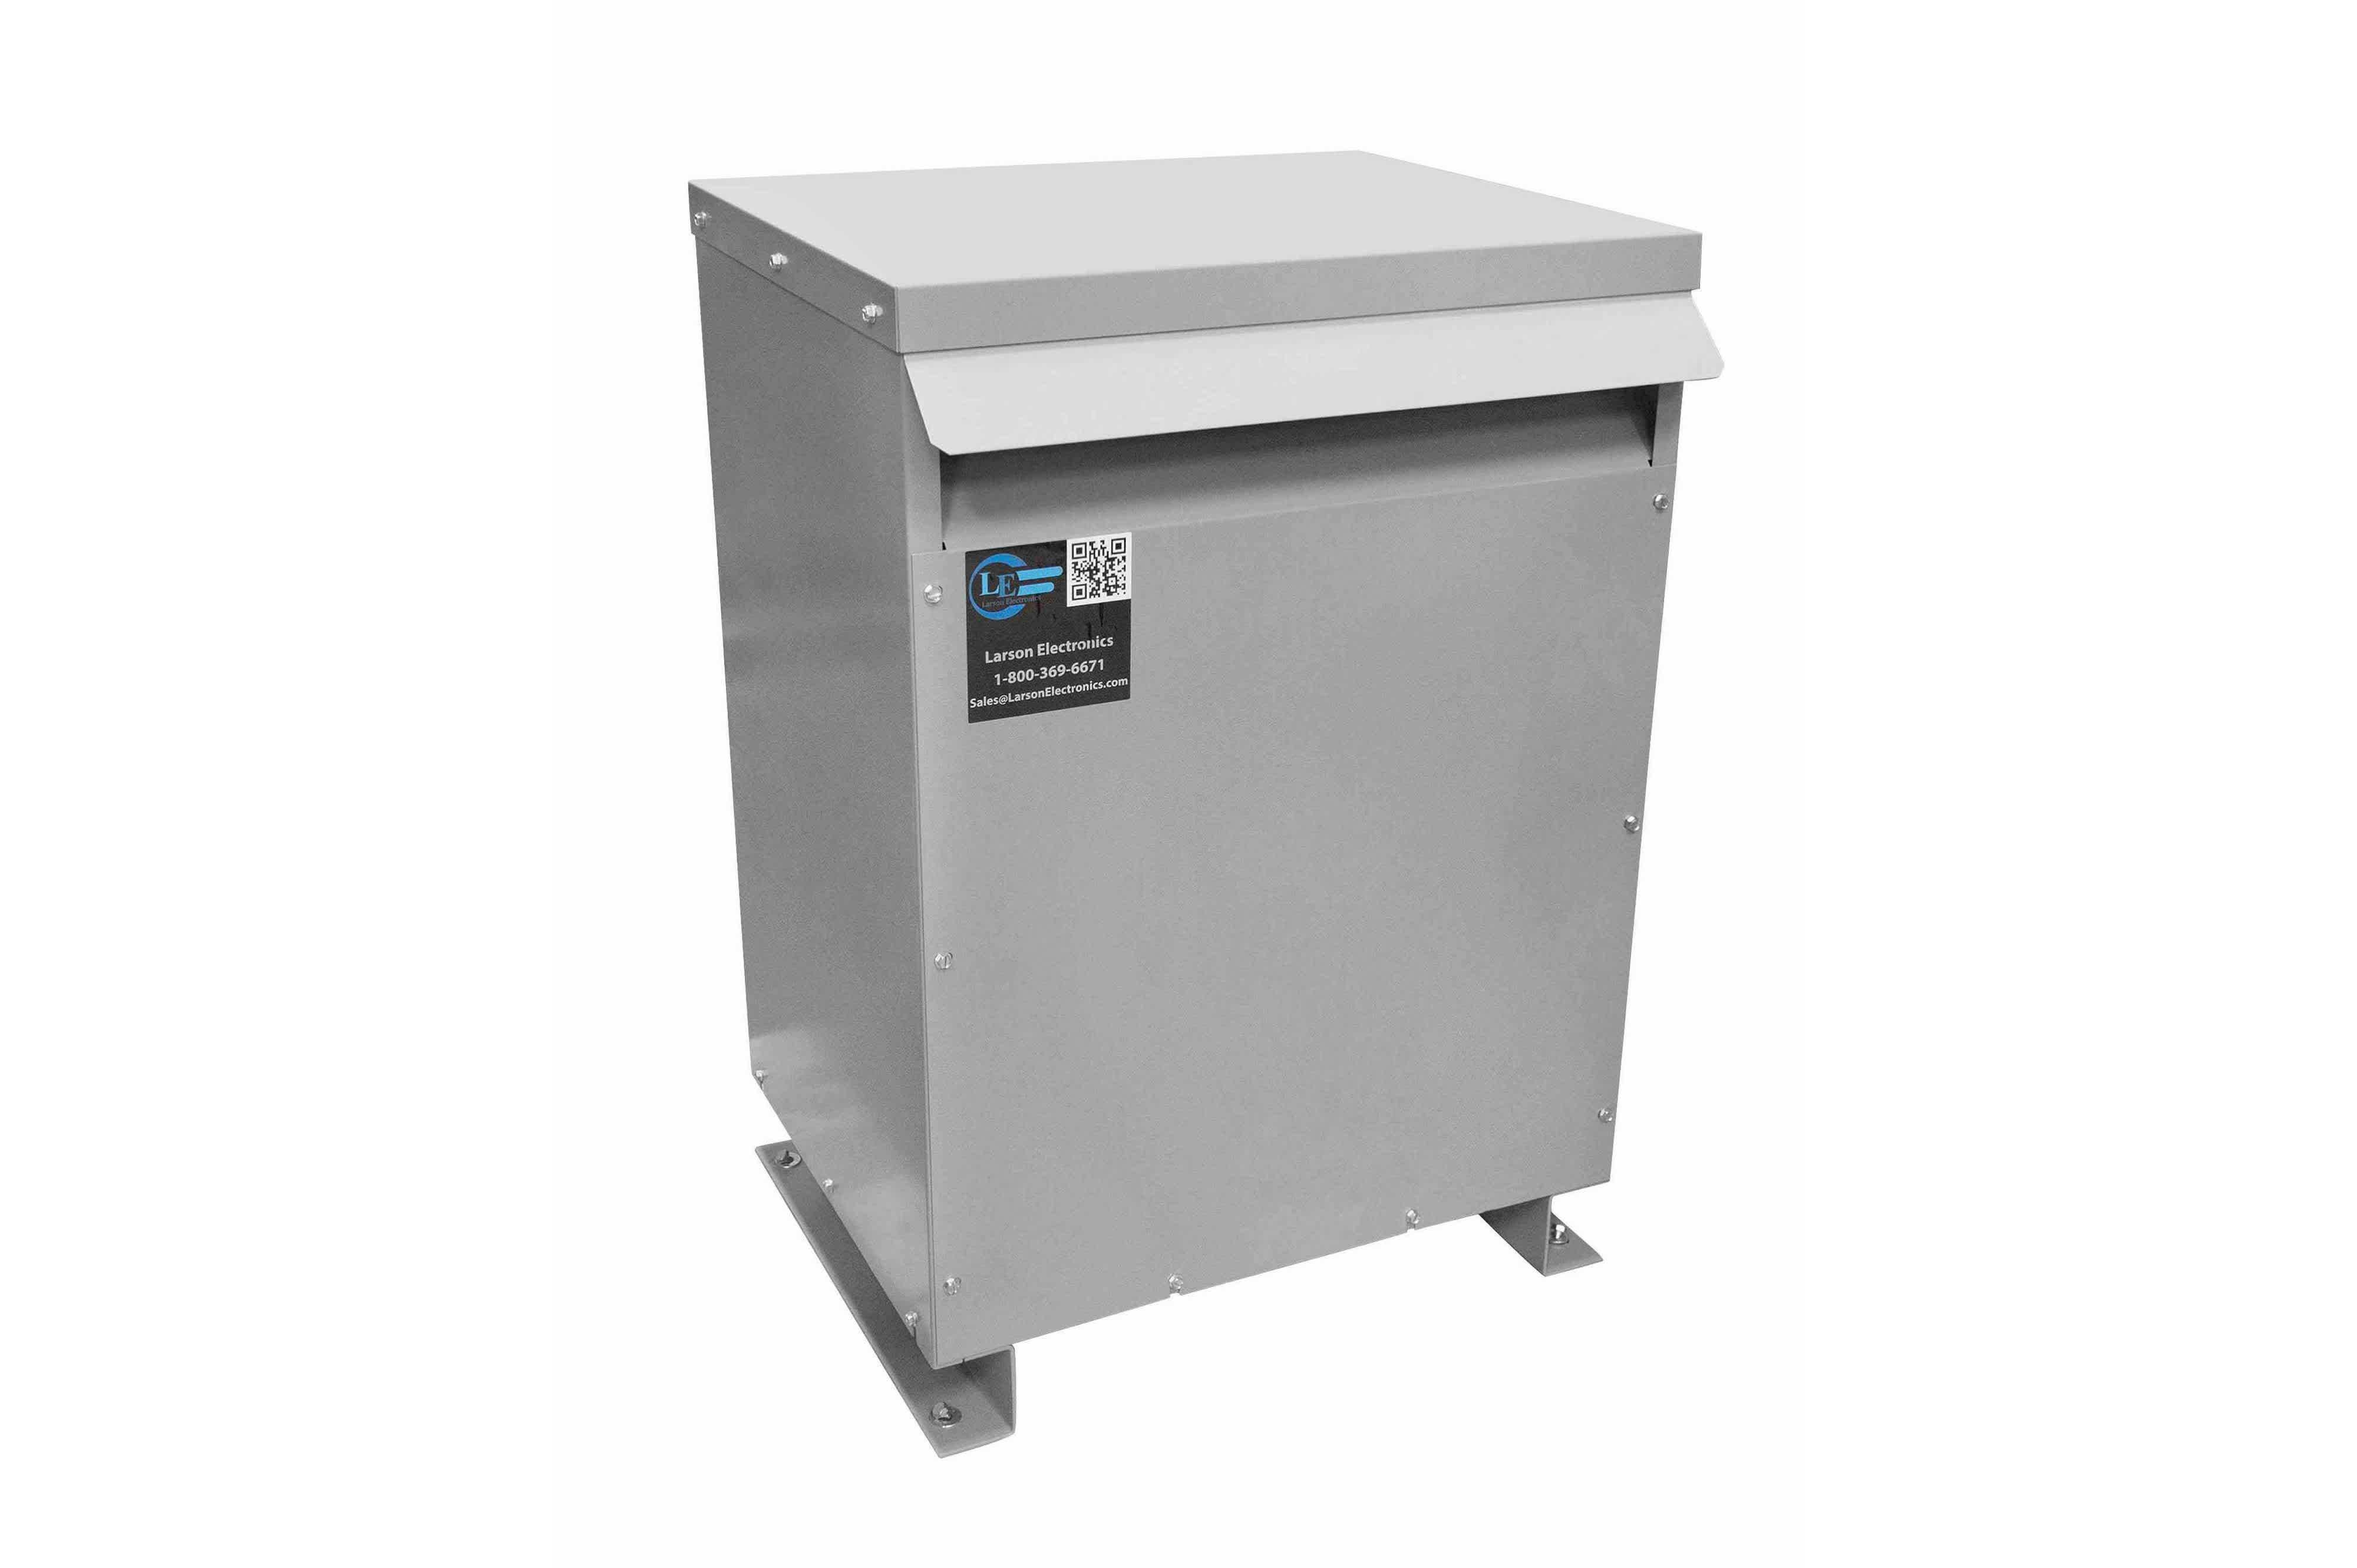 125 kVA 3PH Isolation Transformer, 380V Delta Primary, 480V Delta Secondary, N3R, Ventilated, 60 Hz